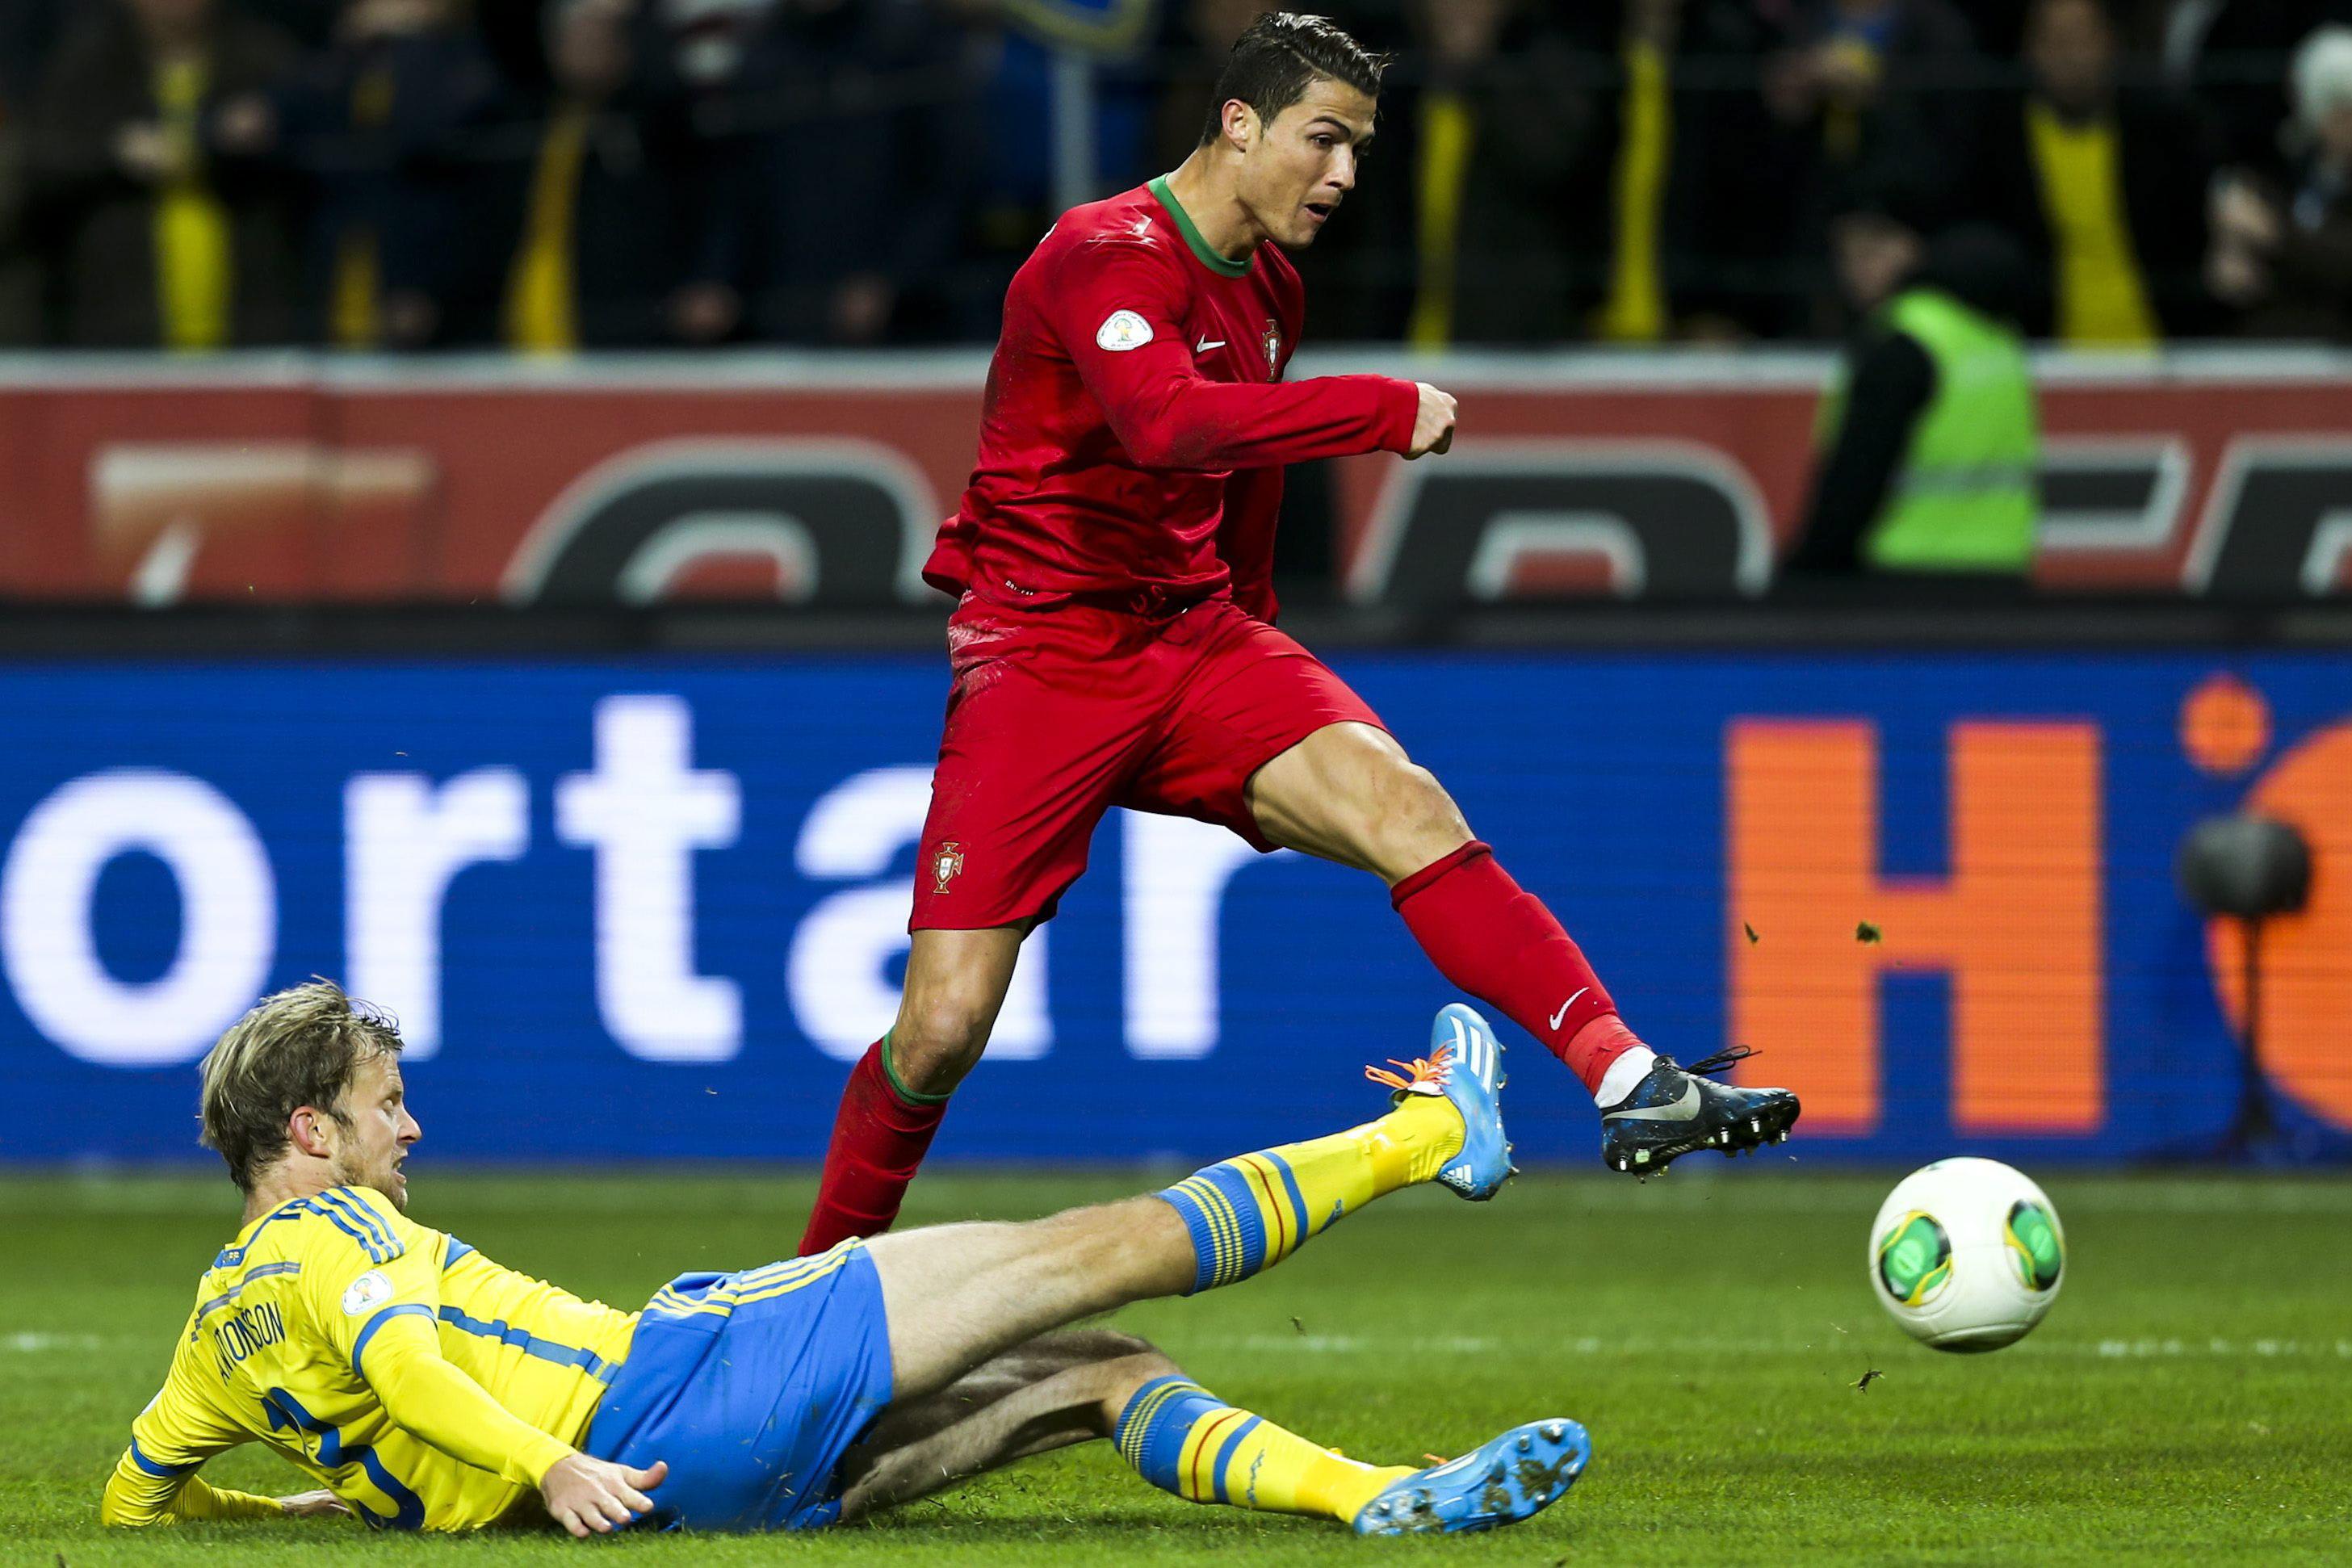 La prensa sueca se rinde a la exhibición de Cristiano Ronaldo